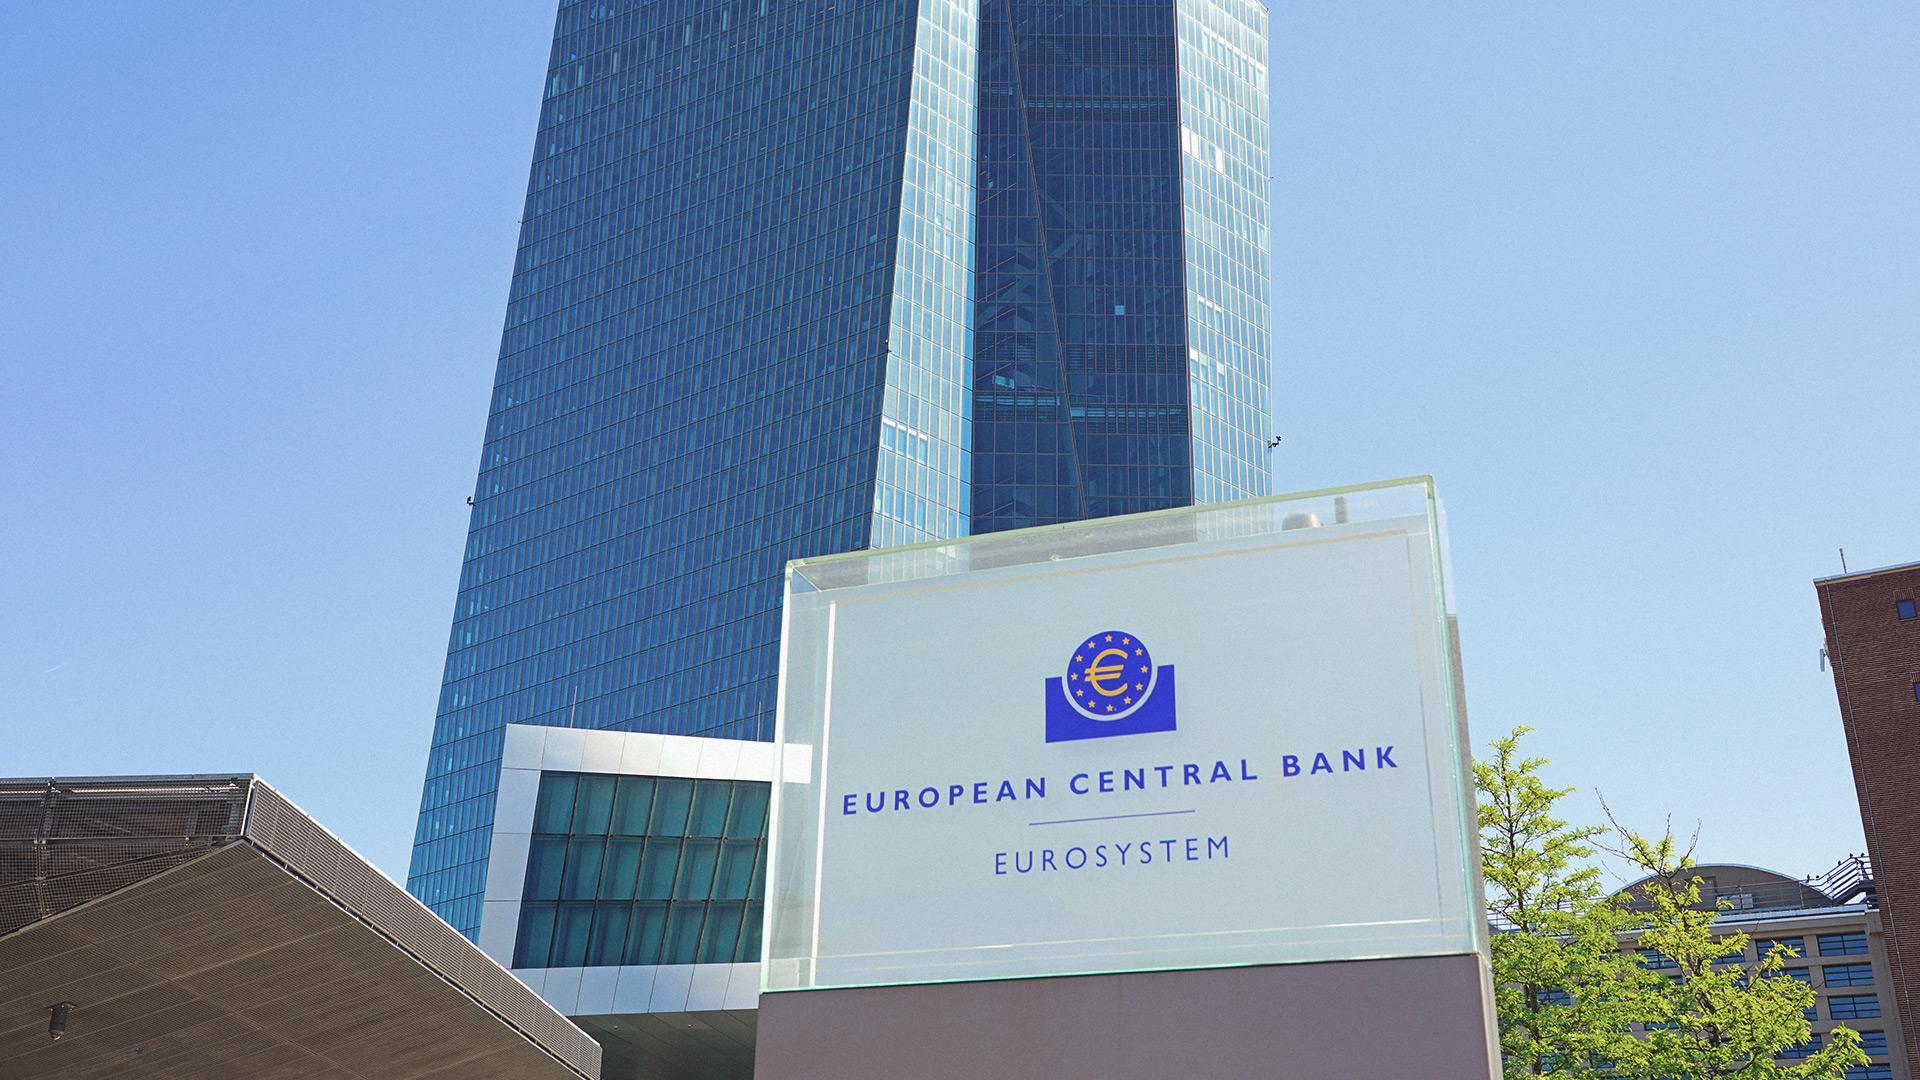 ECB: Digital euro survey participants cite privacy, security as key elements